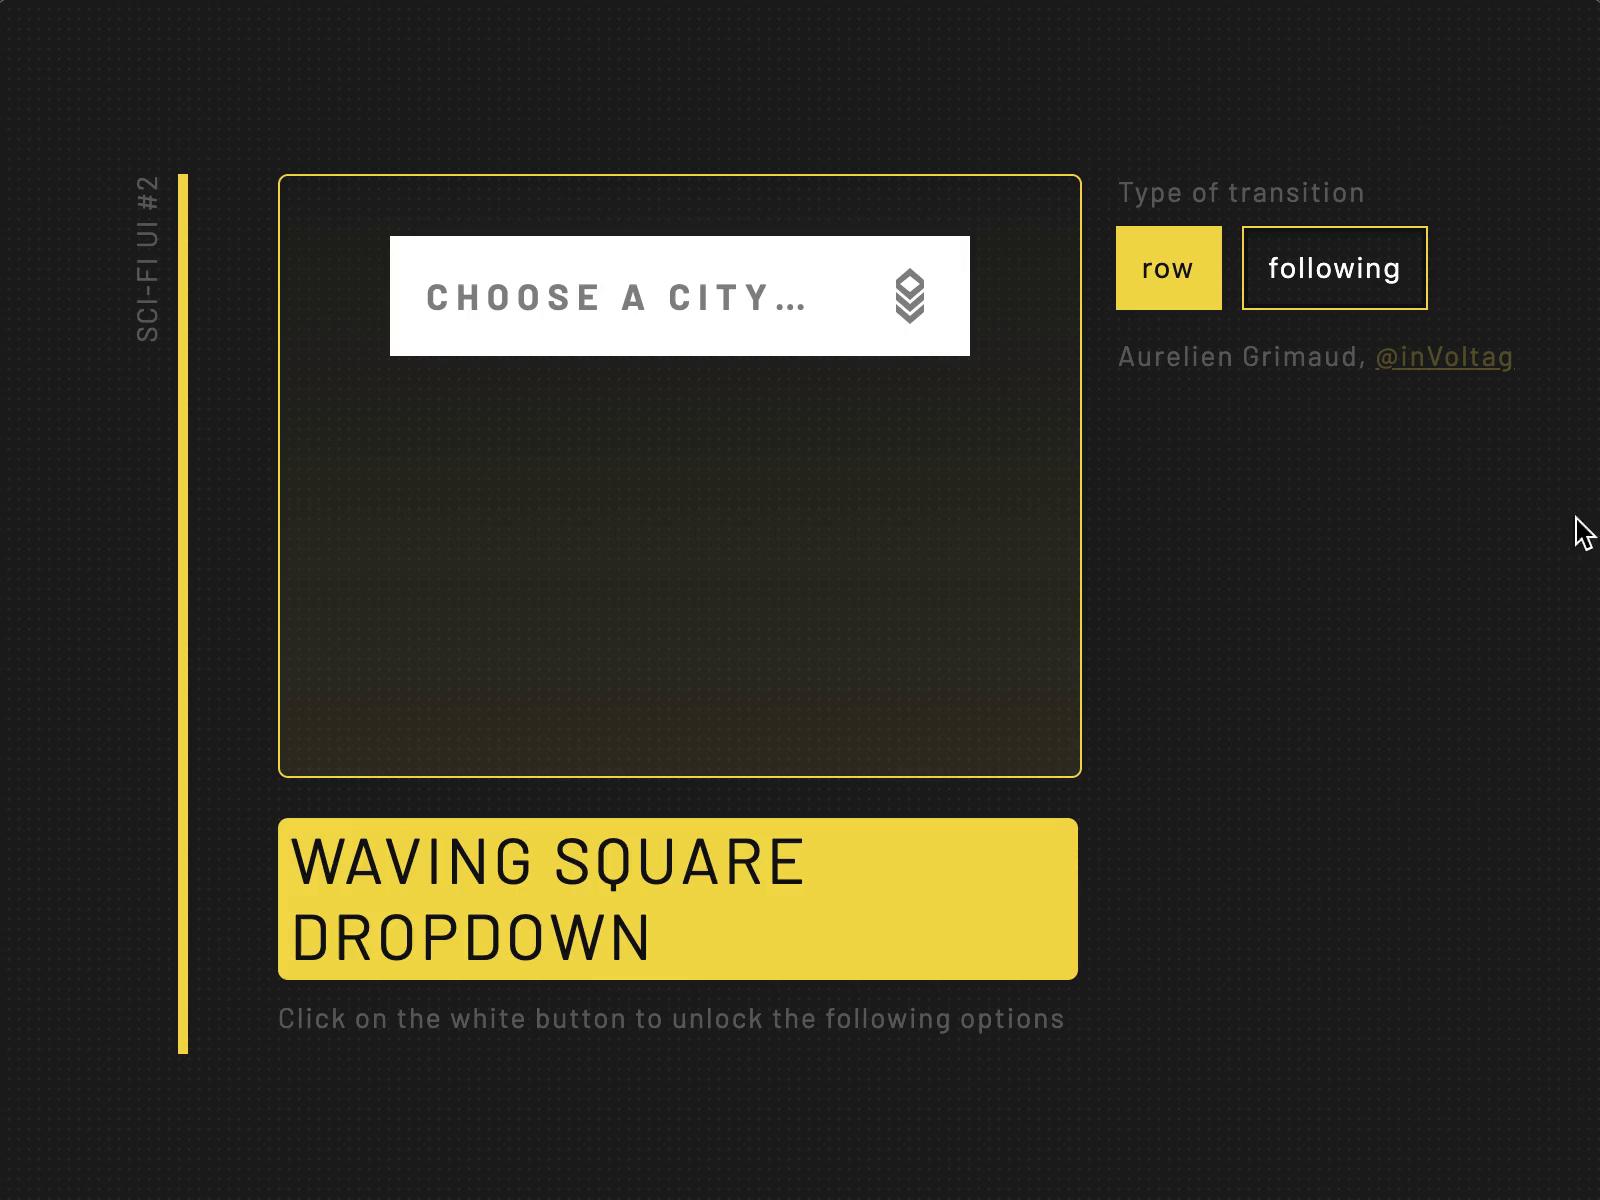 SCI-FI UI #2 - WAVING SQUARE DROPDOWN by Aurélien Grimaud on Dribbble